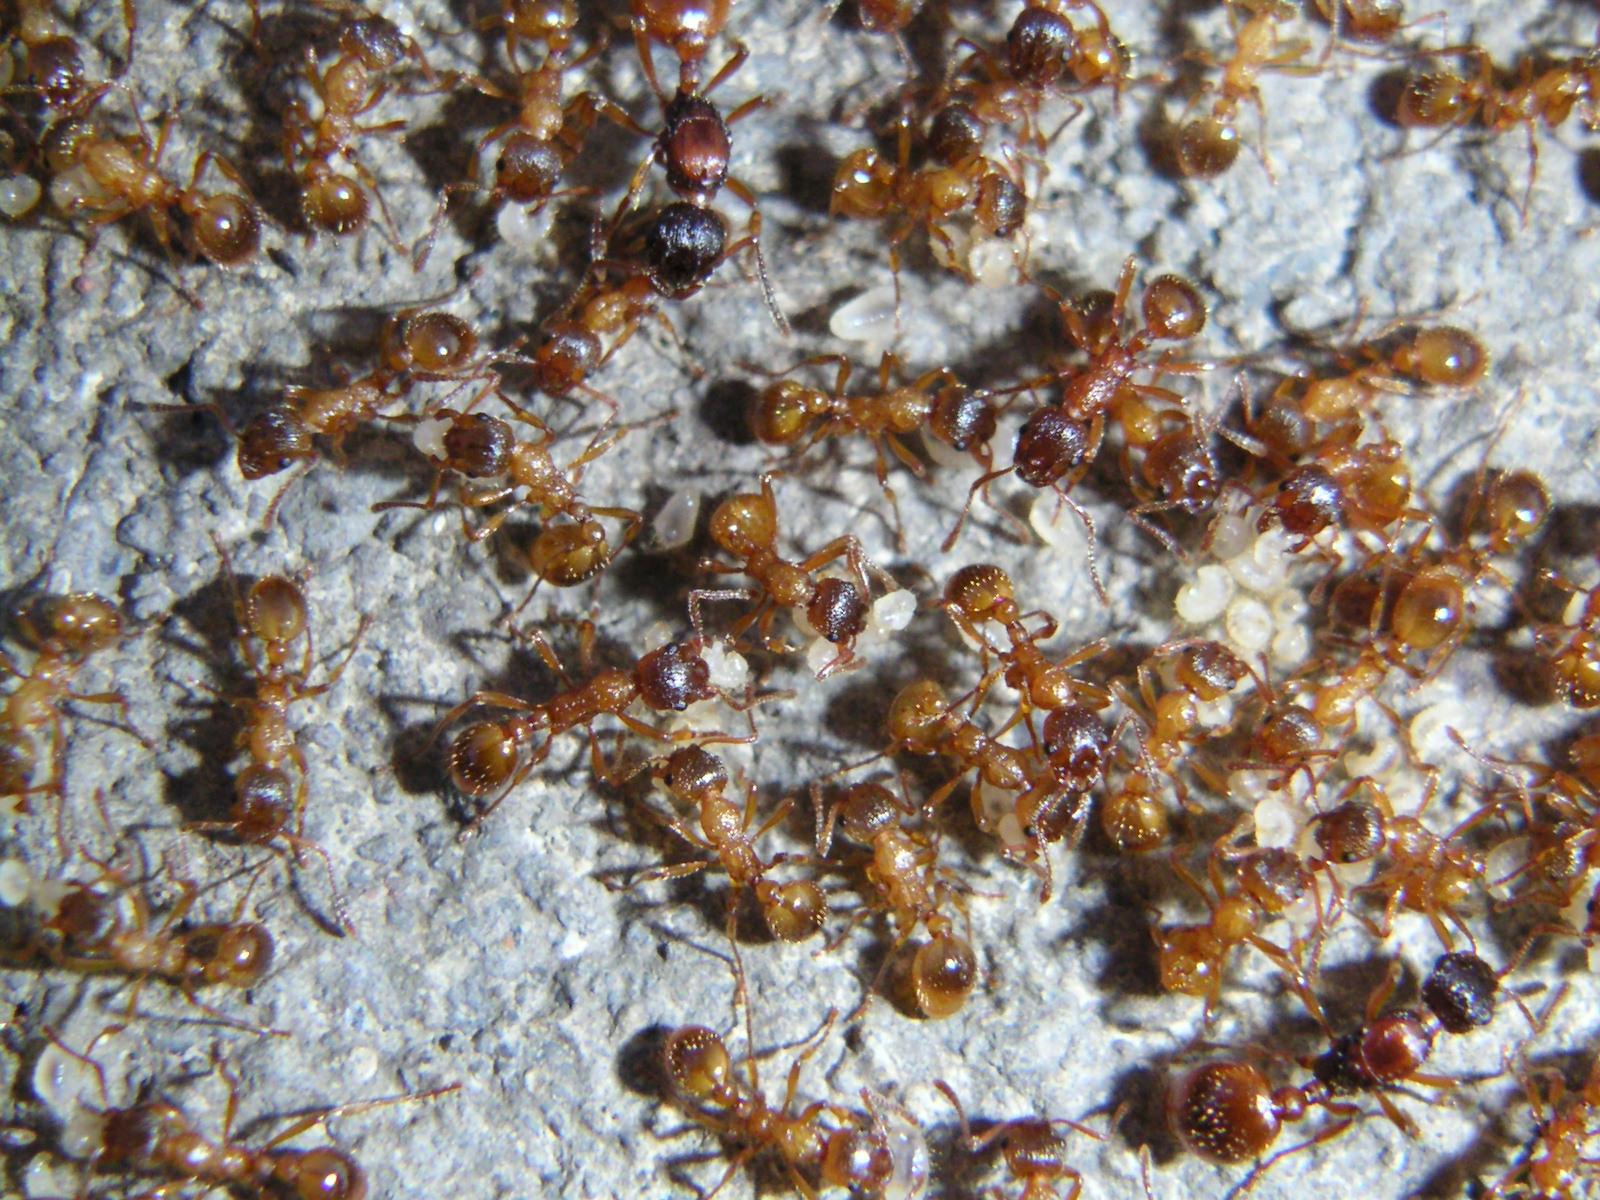 Как избавиться от муравьев в доме навсегда в домашних условиях 67